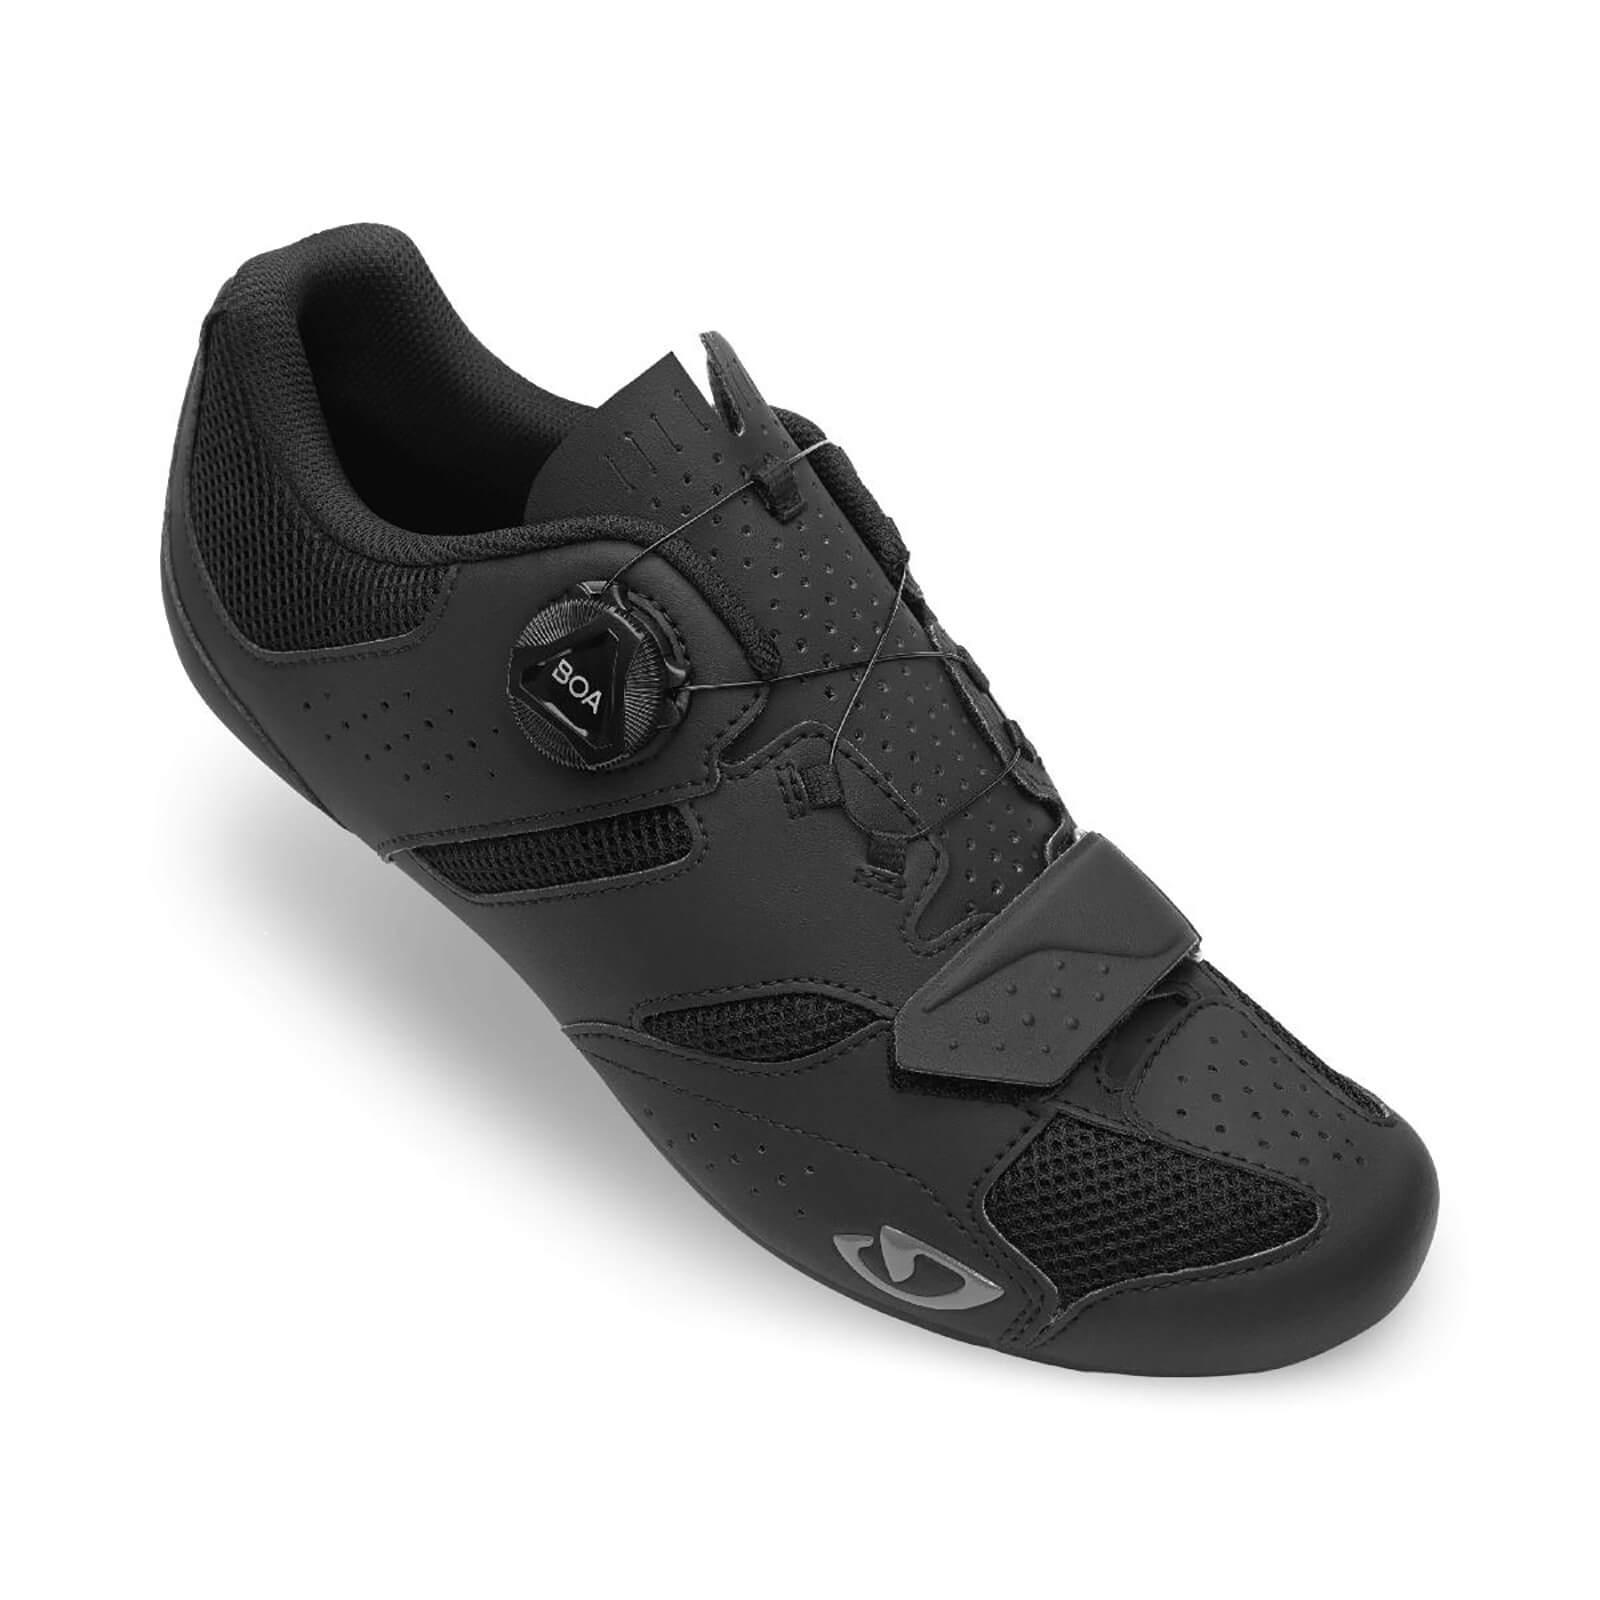 Hjc Valeco Road Helmet - M - Matt Gloss Navy/black